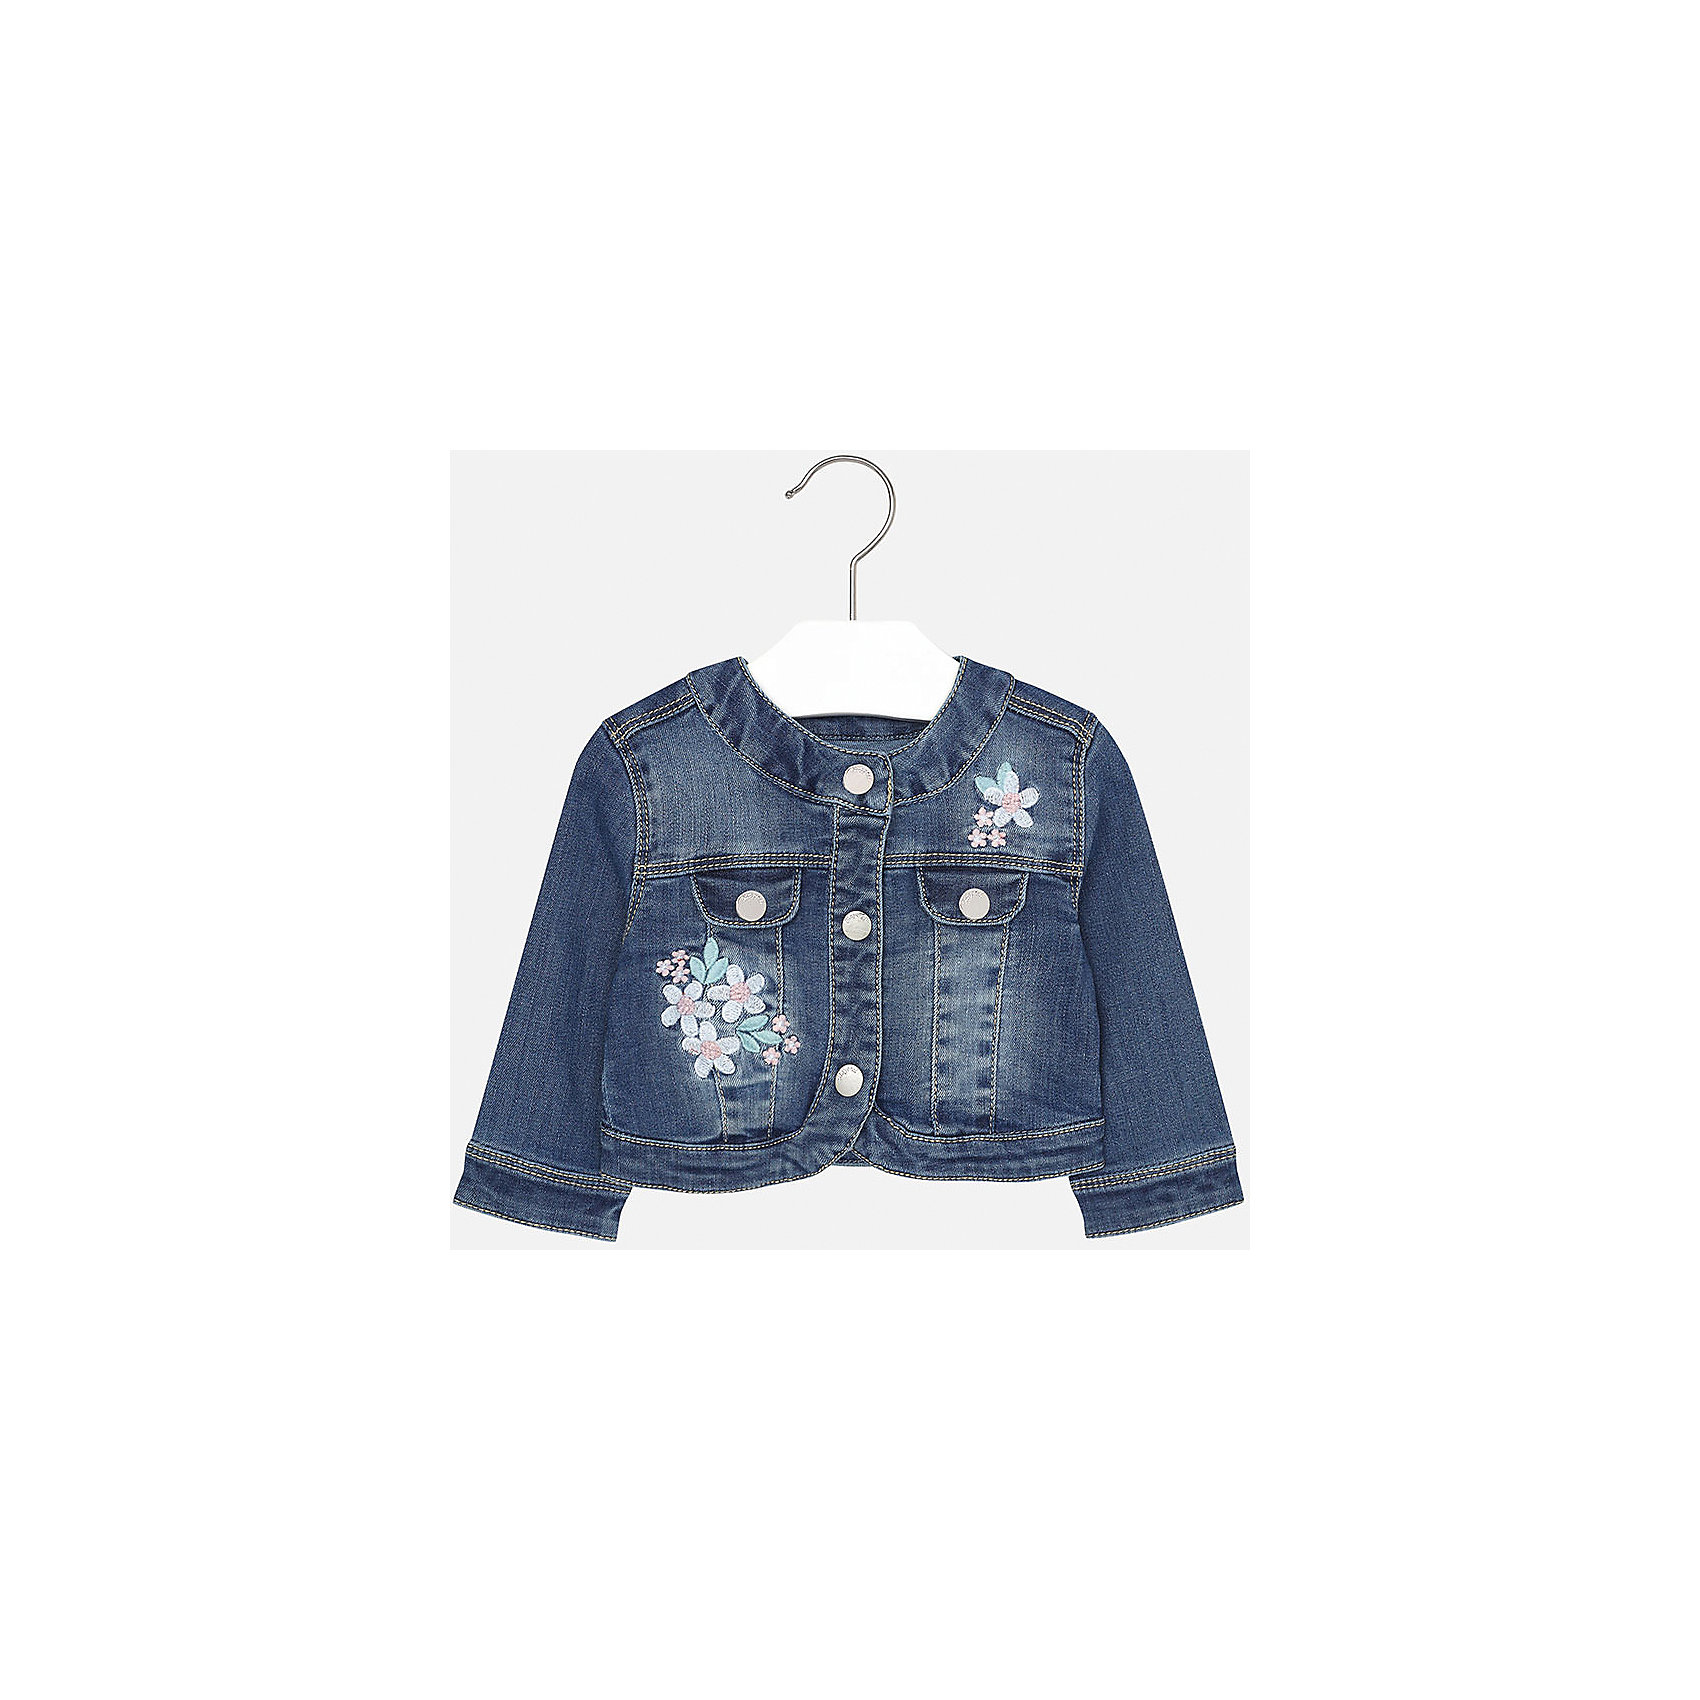 Куртка джинсовая для девочки MayoralВерхняя одежда<br>Куртка для девочки от известной испанской марки Mayoral.<br><br>Ширина мм: 356<br>Глубина мм: 10<br>Высота мм: 245<br>Вес г: 519<br>Цвет: разноцветный<br>Возраст от месяцев: 12<br>Возраст до месяцев: 18<br>Пол: Женский<br>Возраст: Детский<br>Размер: 86,80,92,74<br>SKU: 5288941